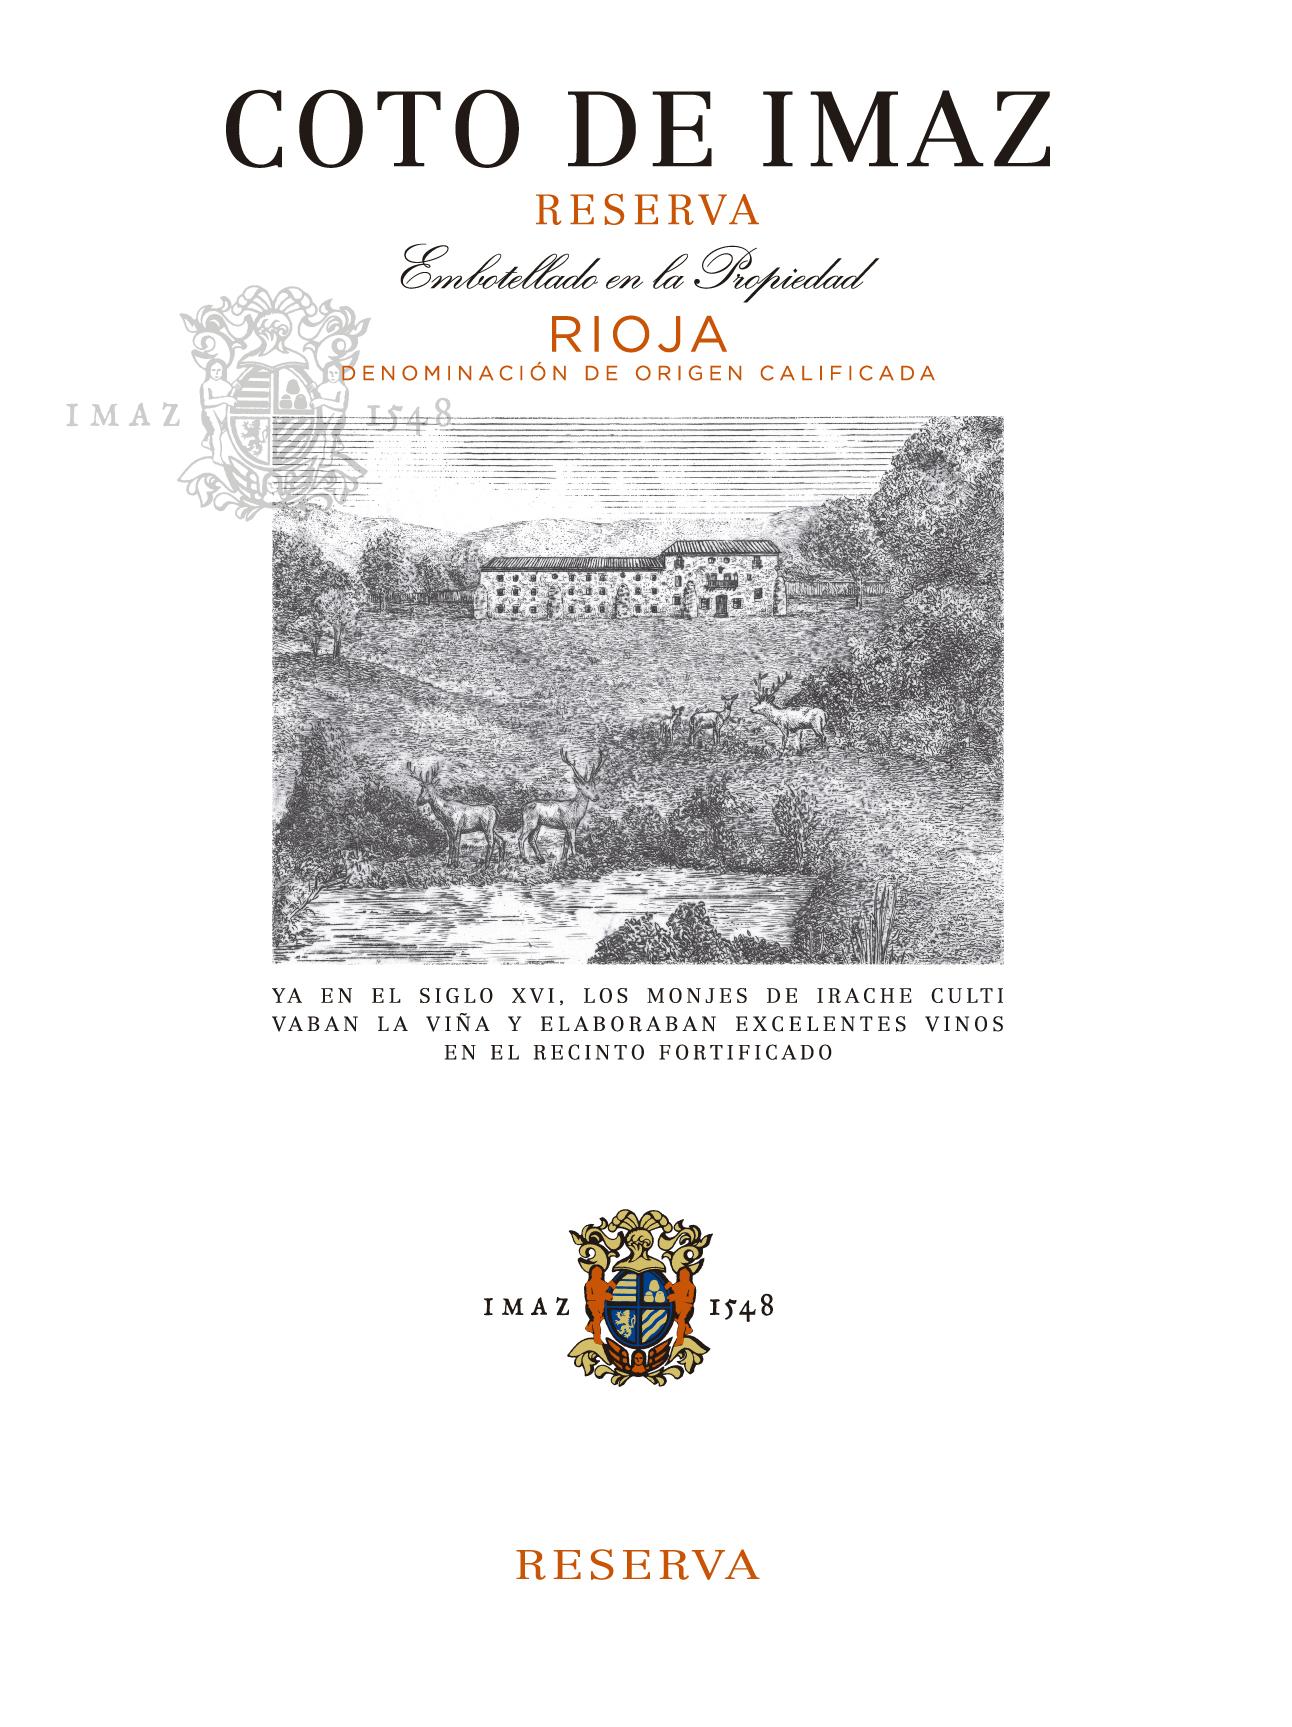 Coto De Imaz Reserva